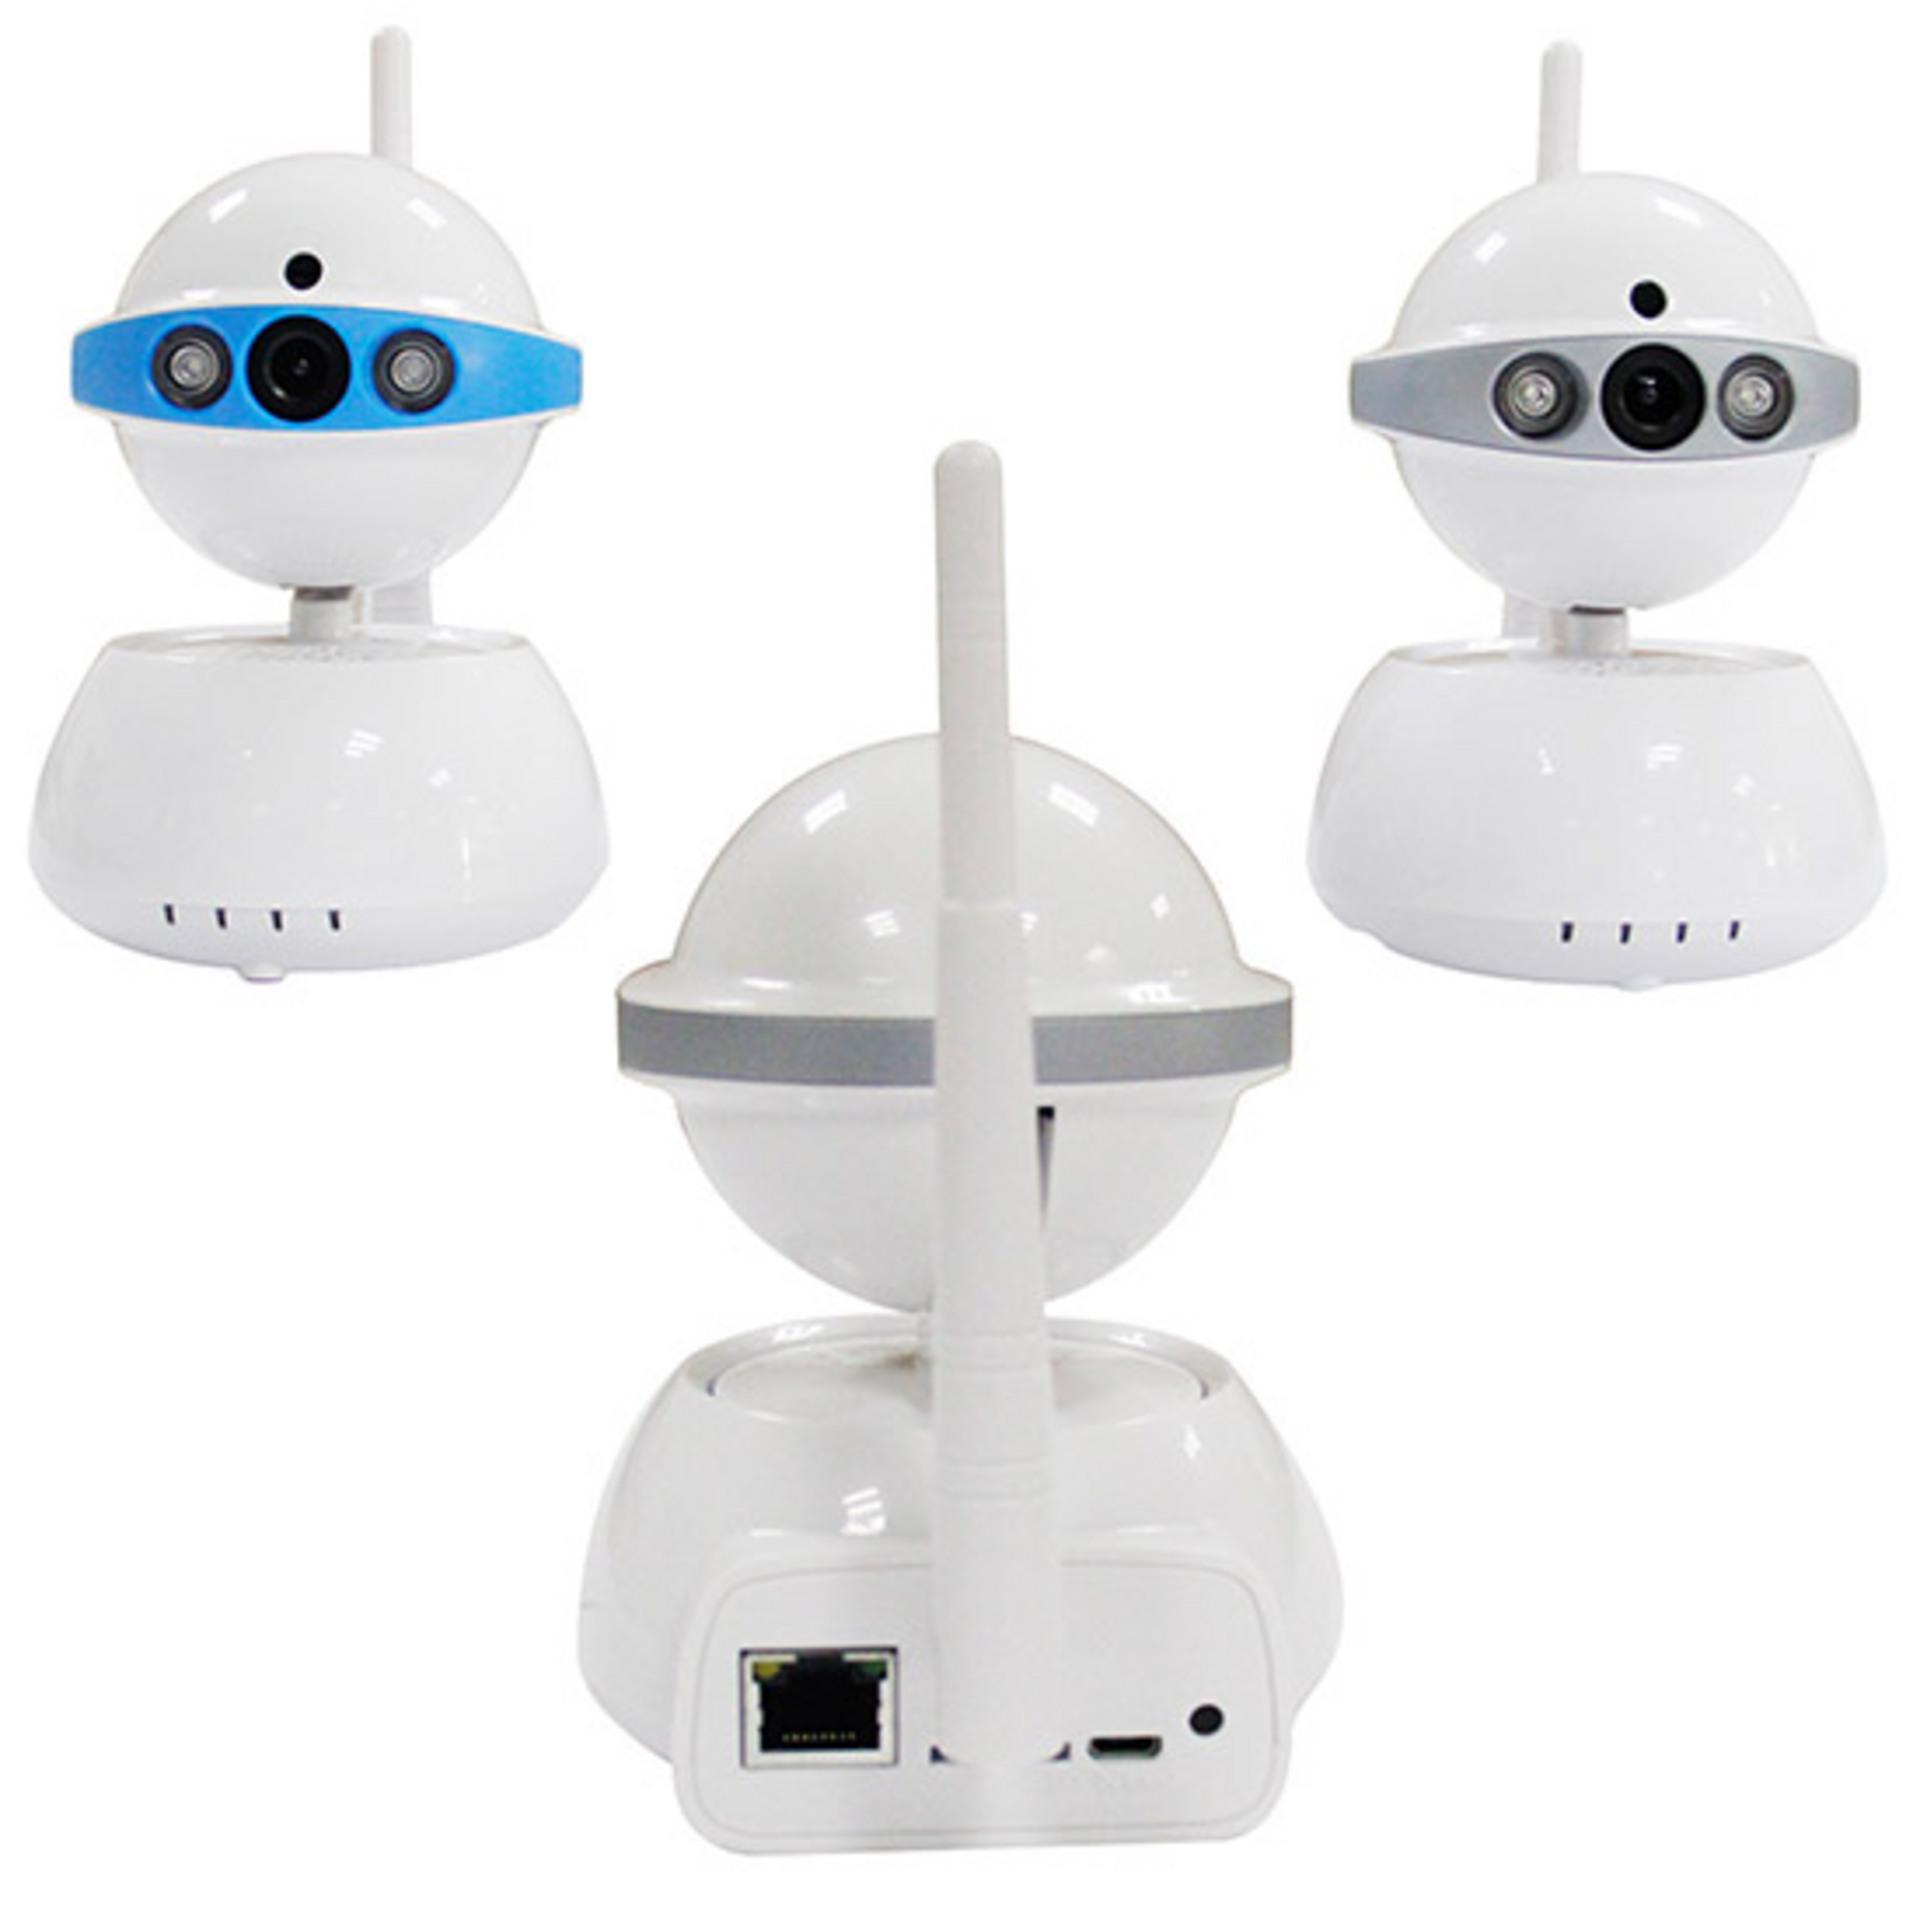 Videocamera di sicurezza wireless motorizzata shoopi - Videocamera di sicurezza ...